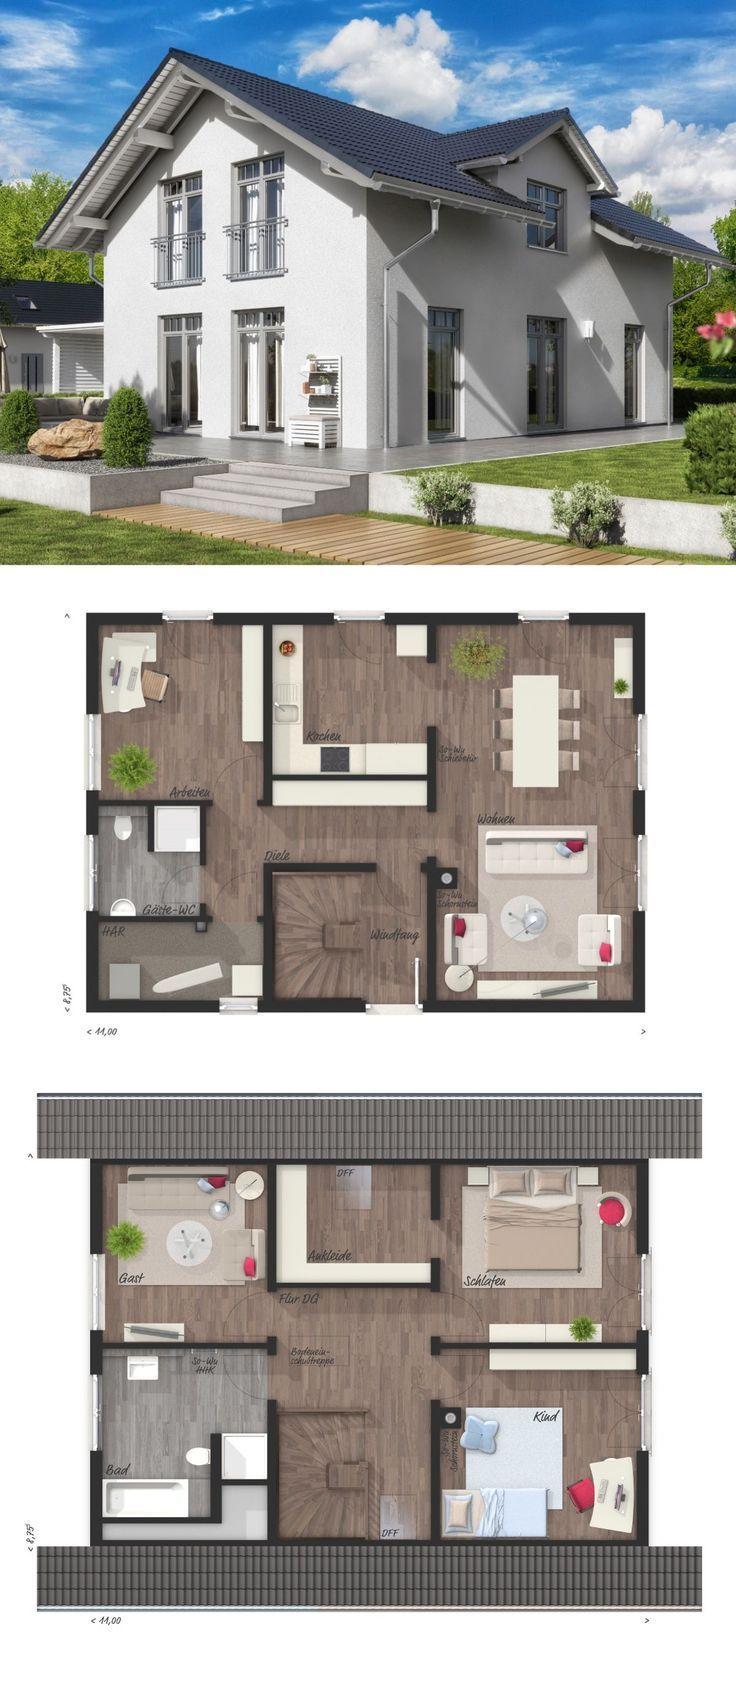 Einfamilienhaus im Alpenstil BODENSEE 129 Süd Town & Country Haus | HausbauDirekt